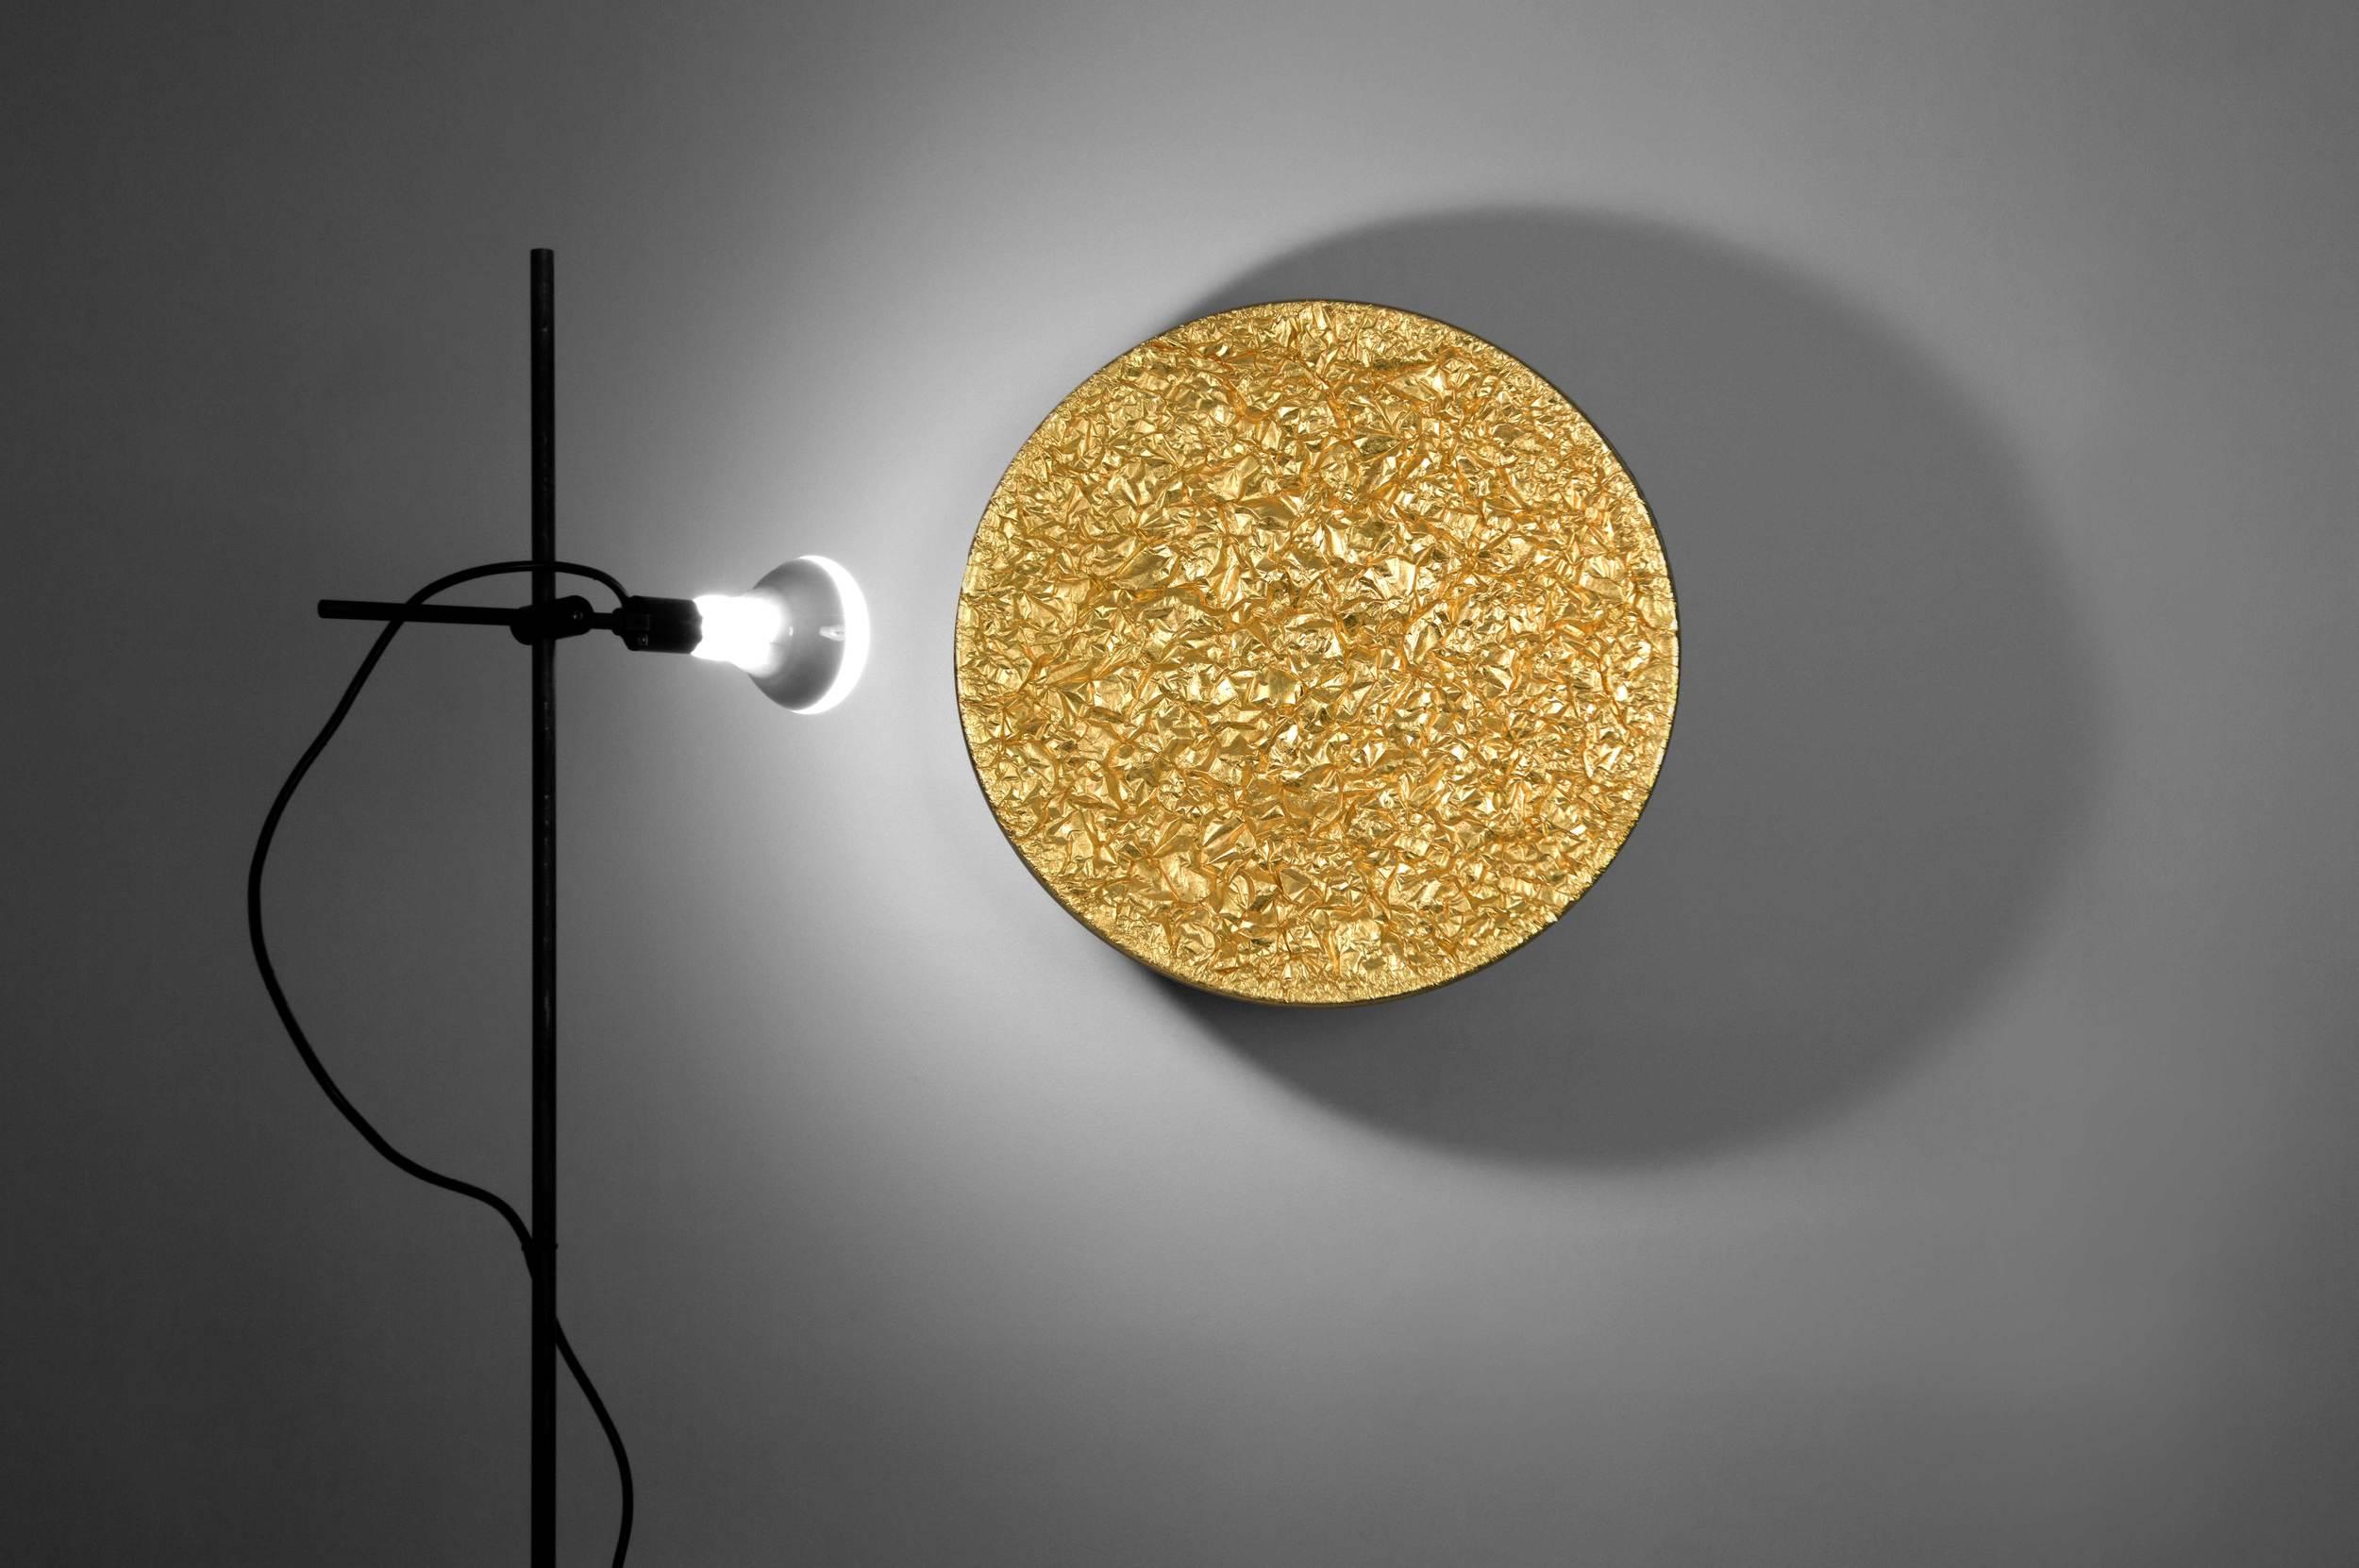 160213_LunarReflector_Wall_EDIT_LOW.jpg